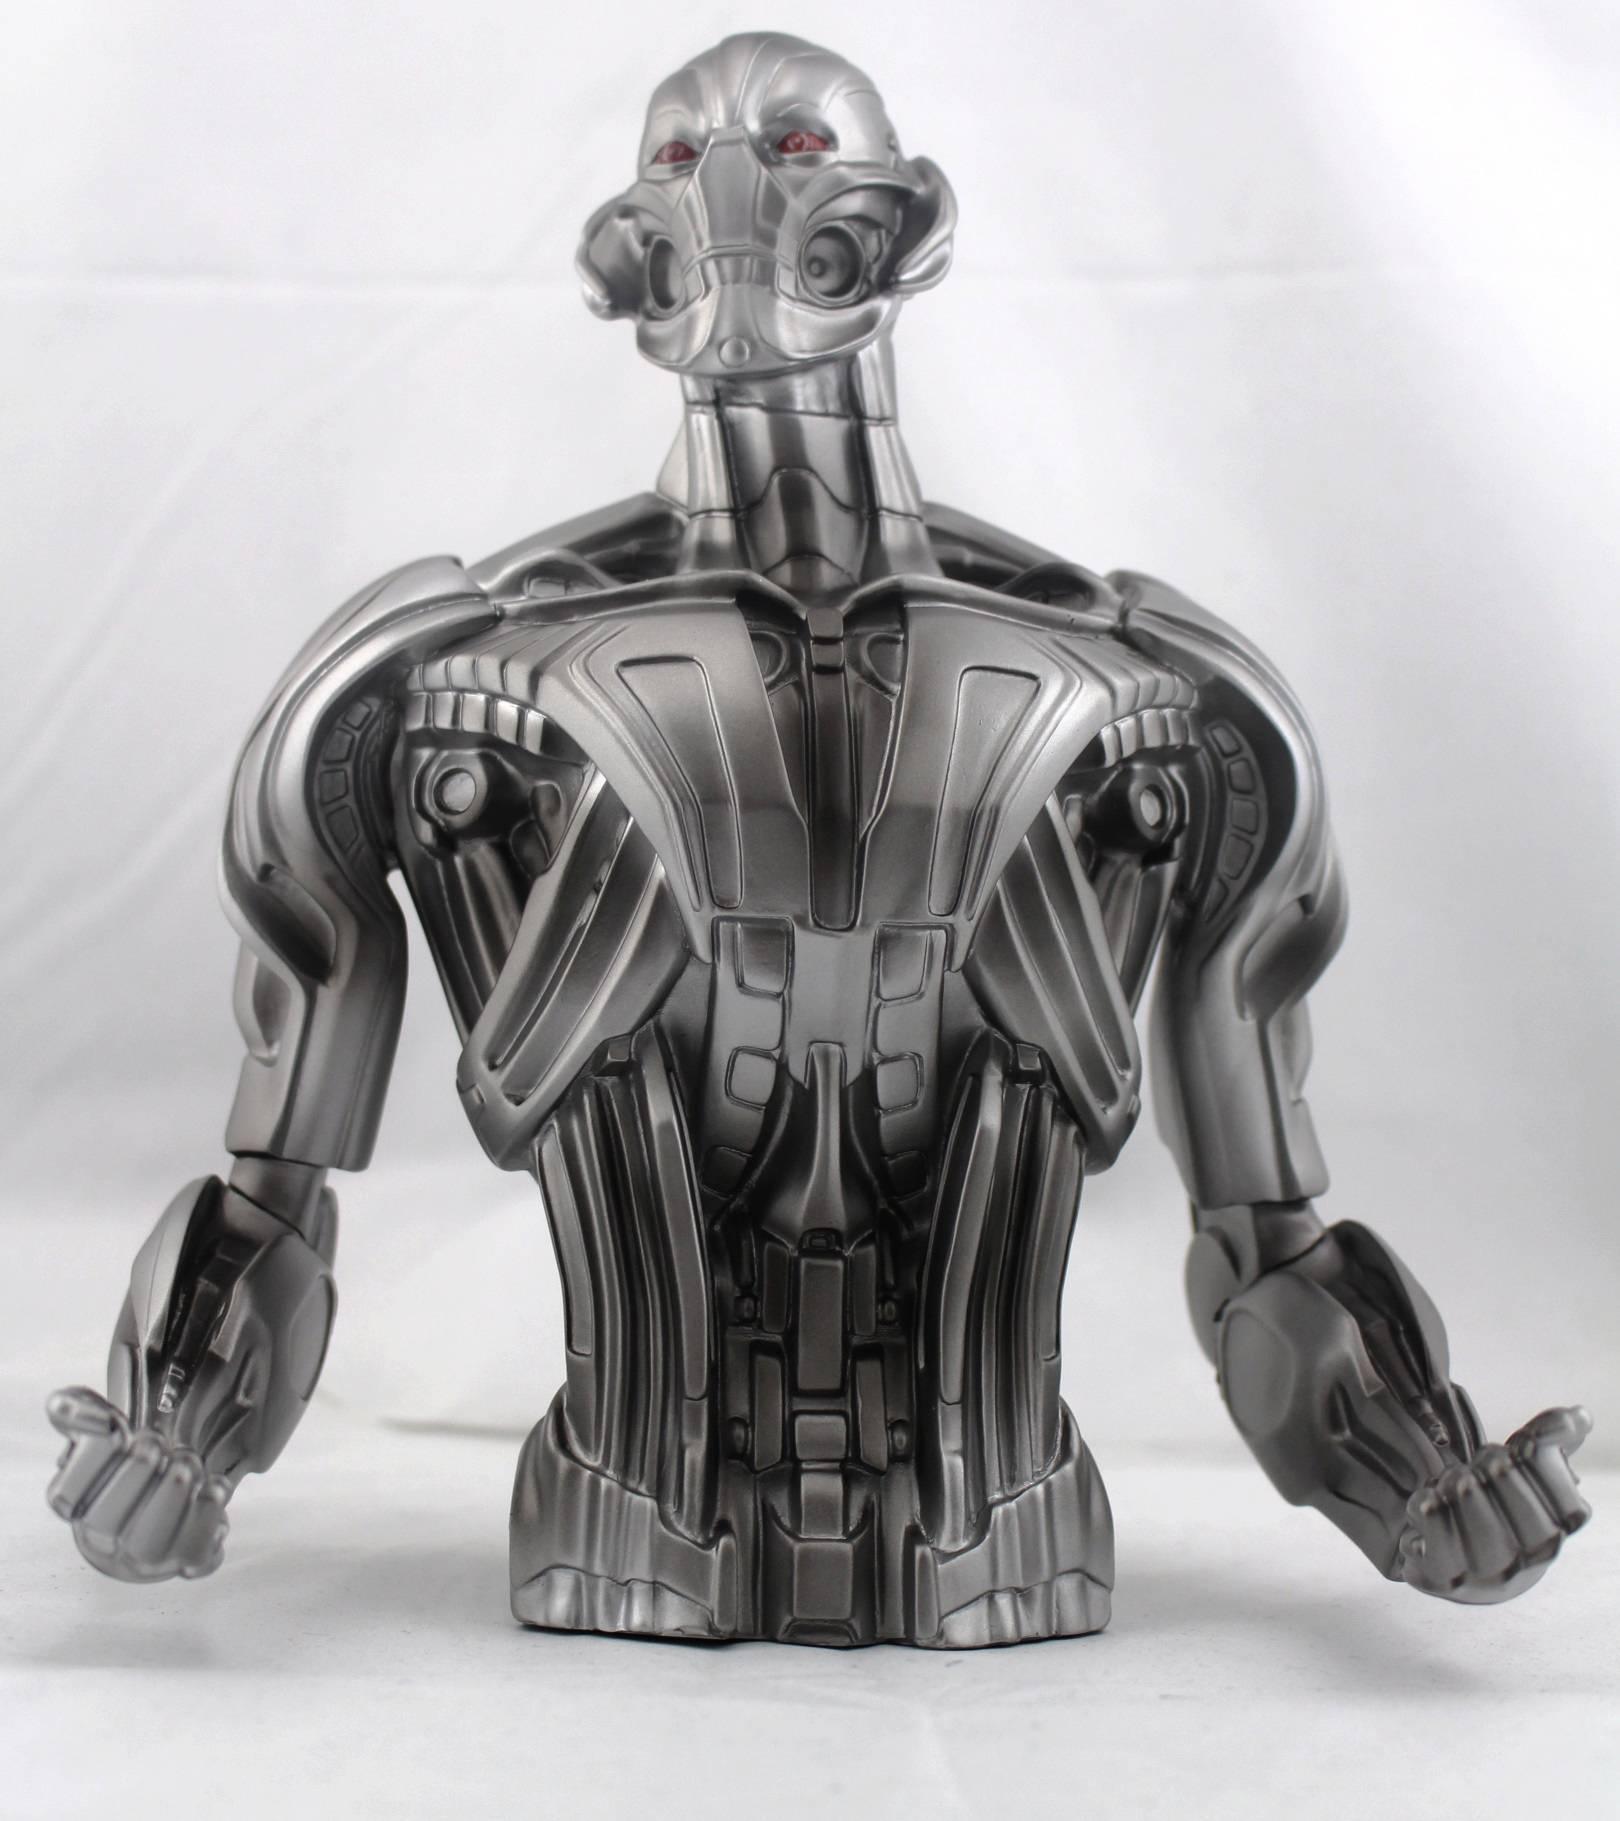 Avengers 2 Ultron Bust Bank